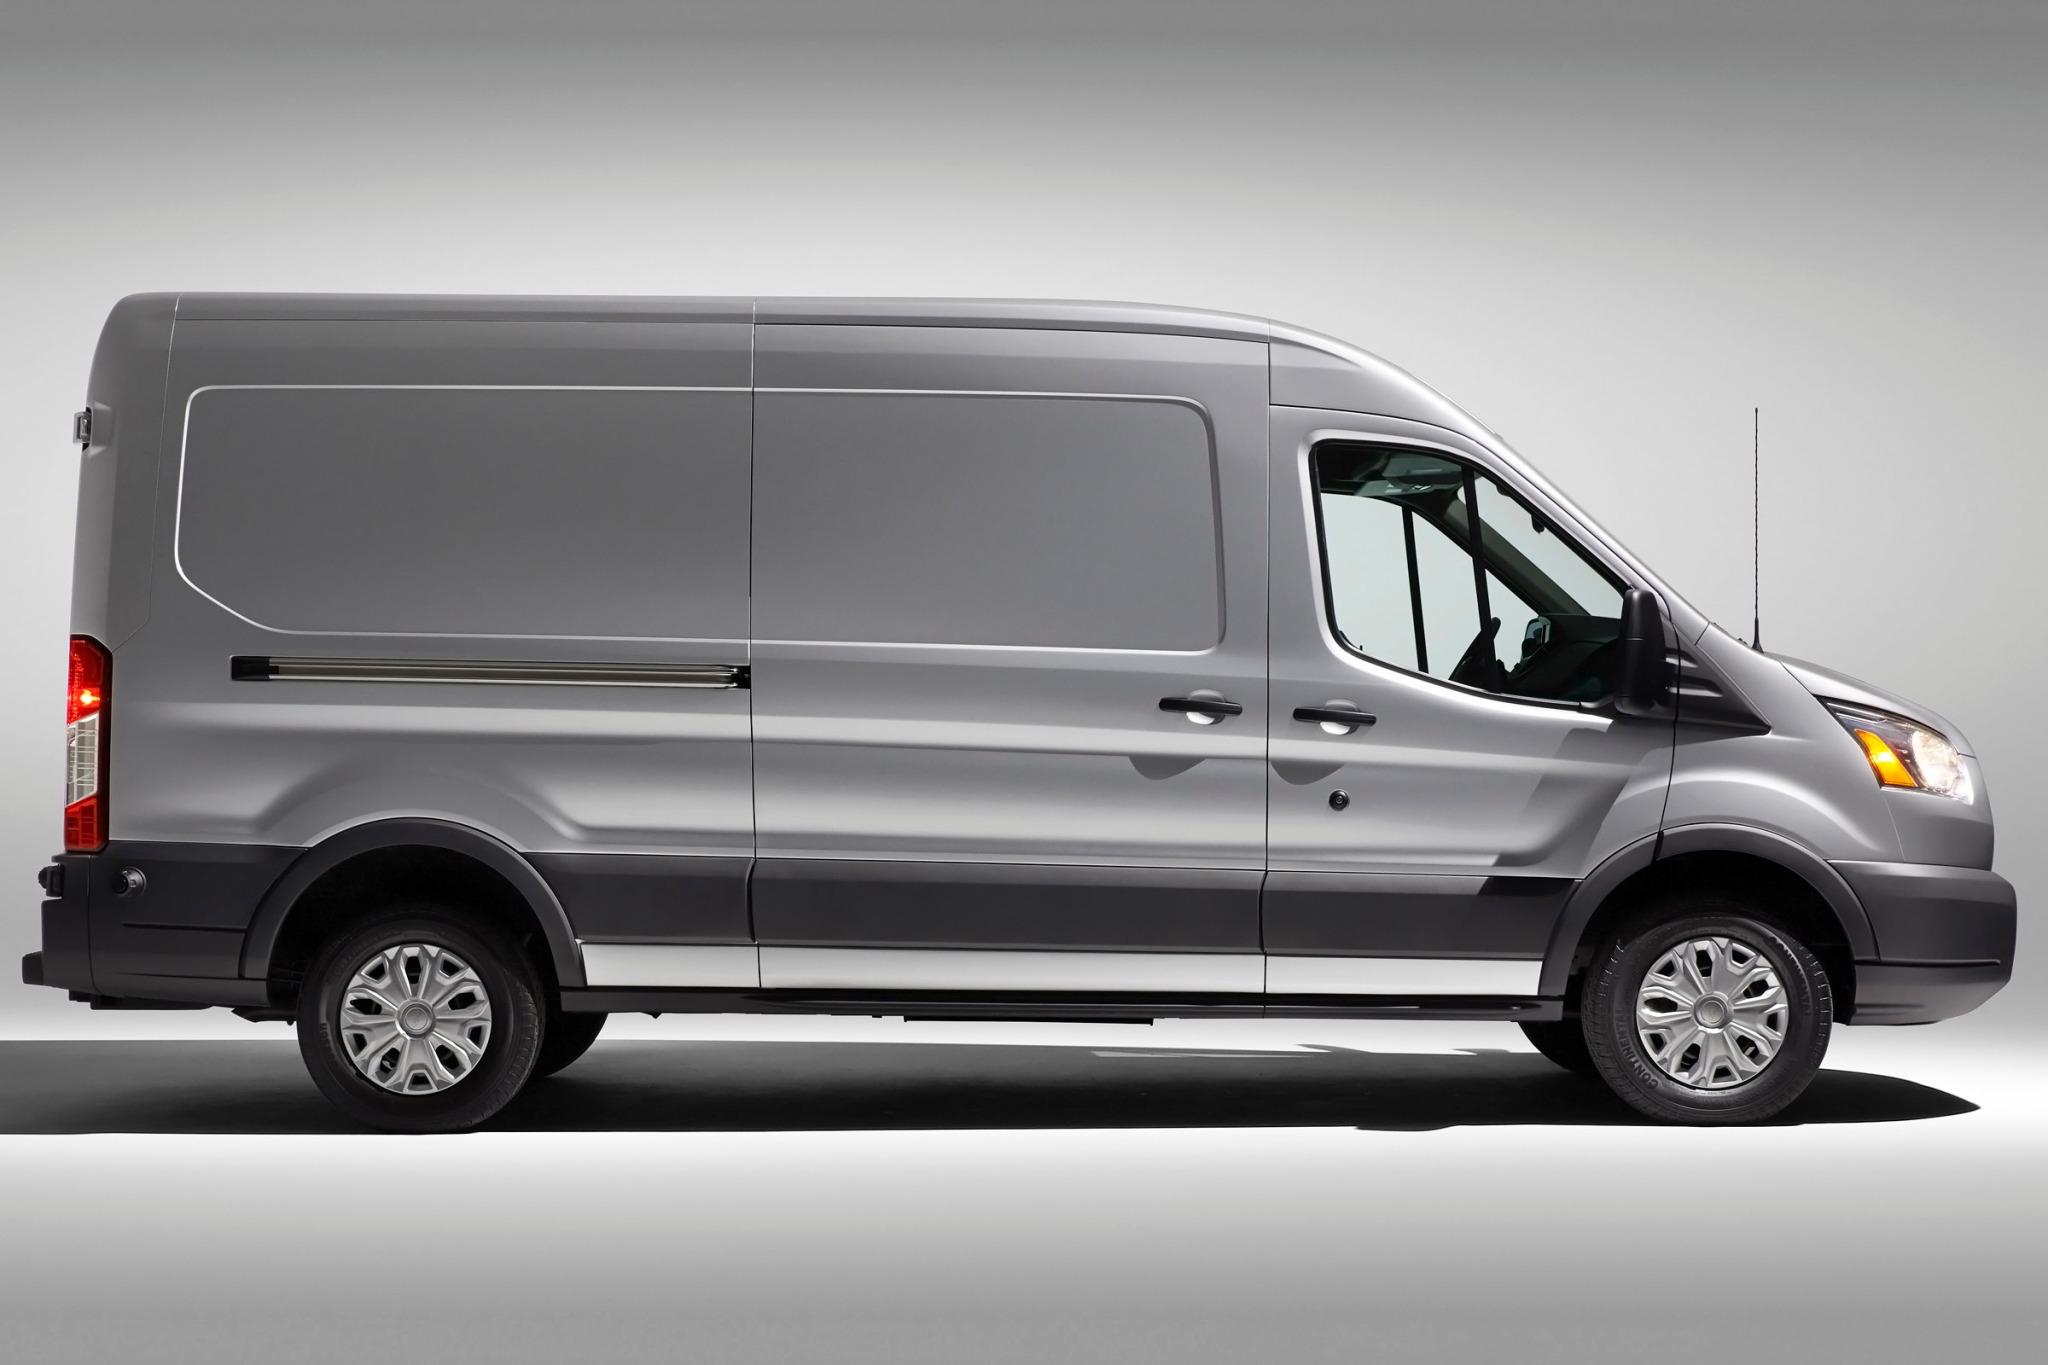 2015 ford transit van 350 interior 4